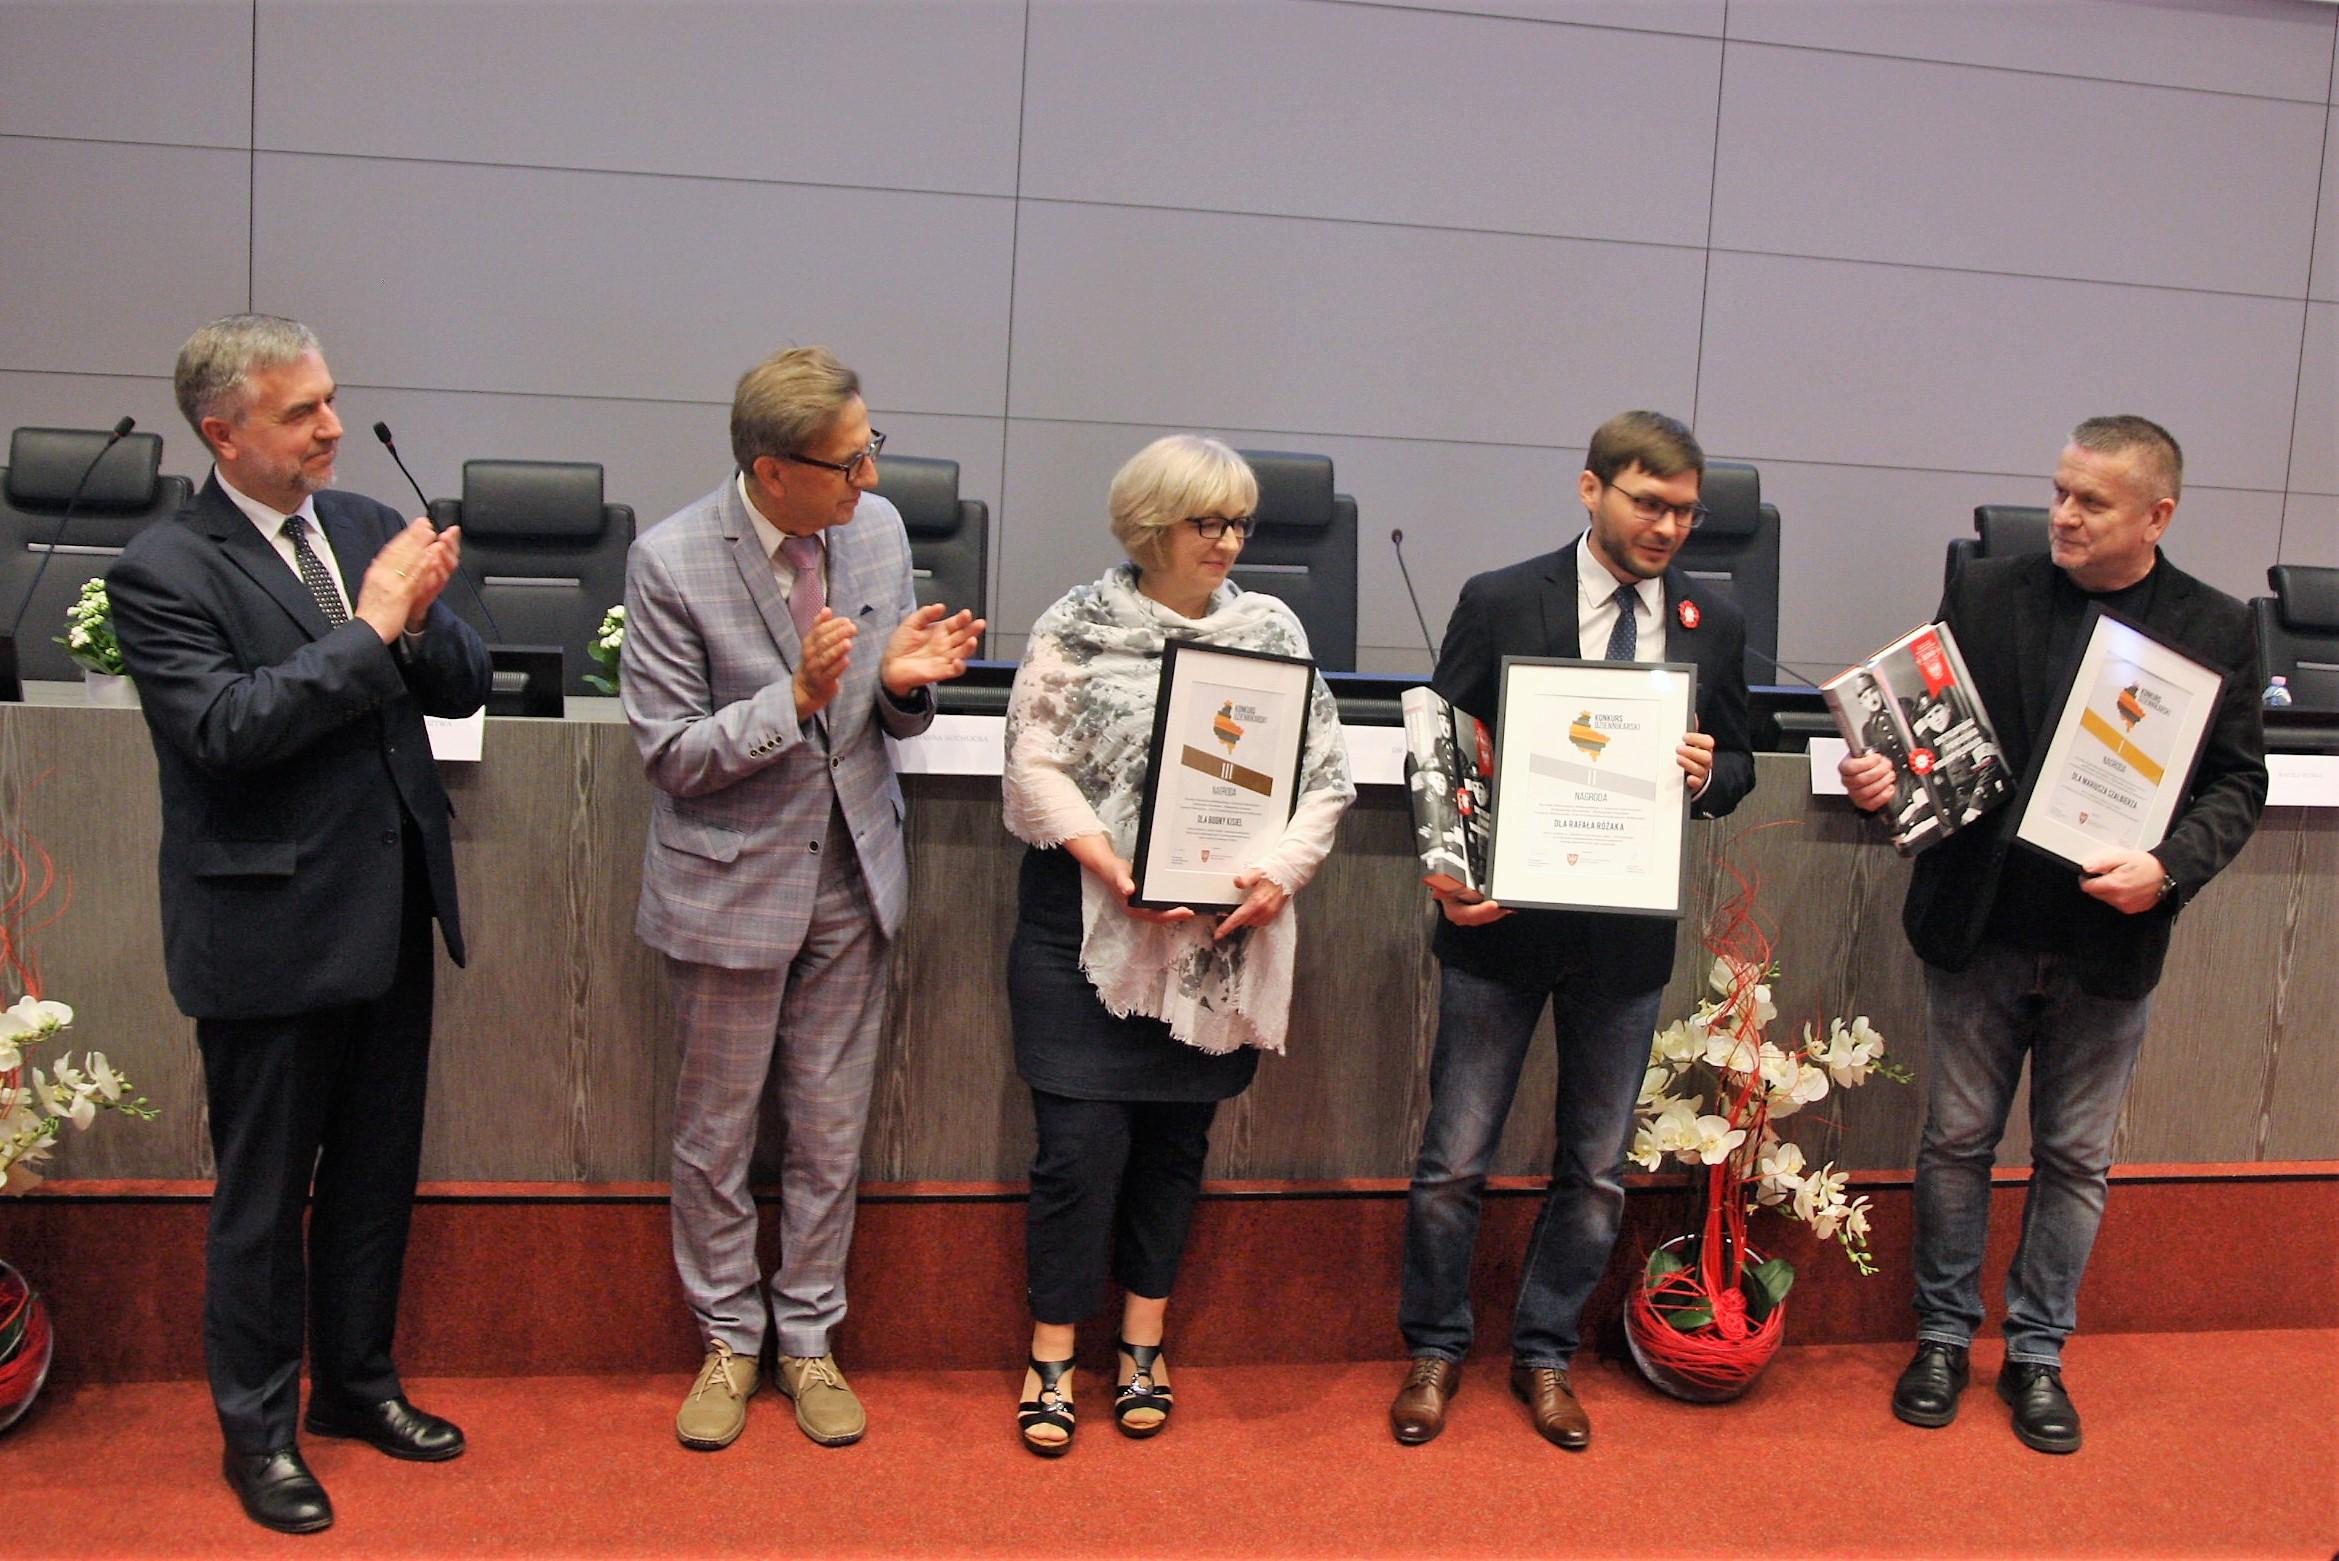 Powstańcze historie nagrodzone w XIX Konkursie Dziennikarskim 2019